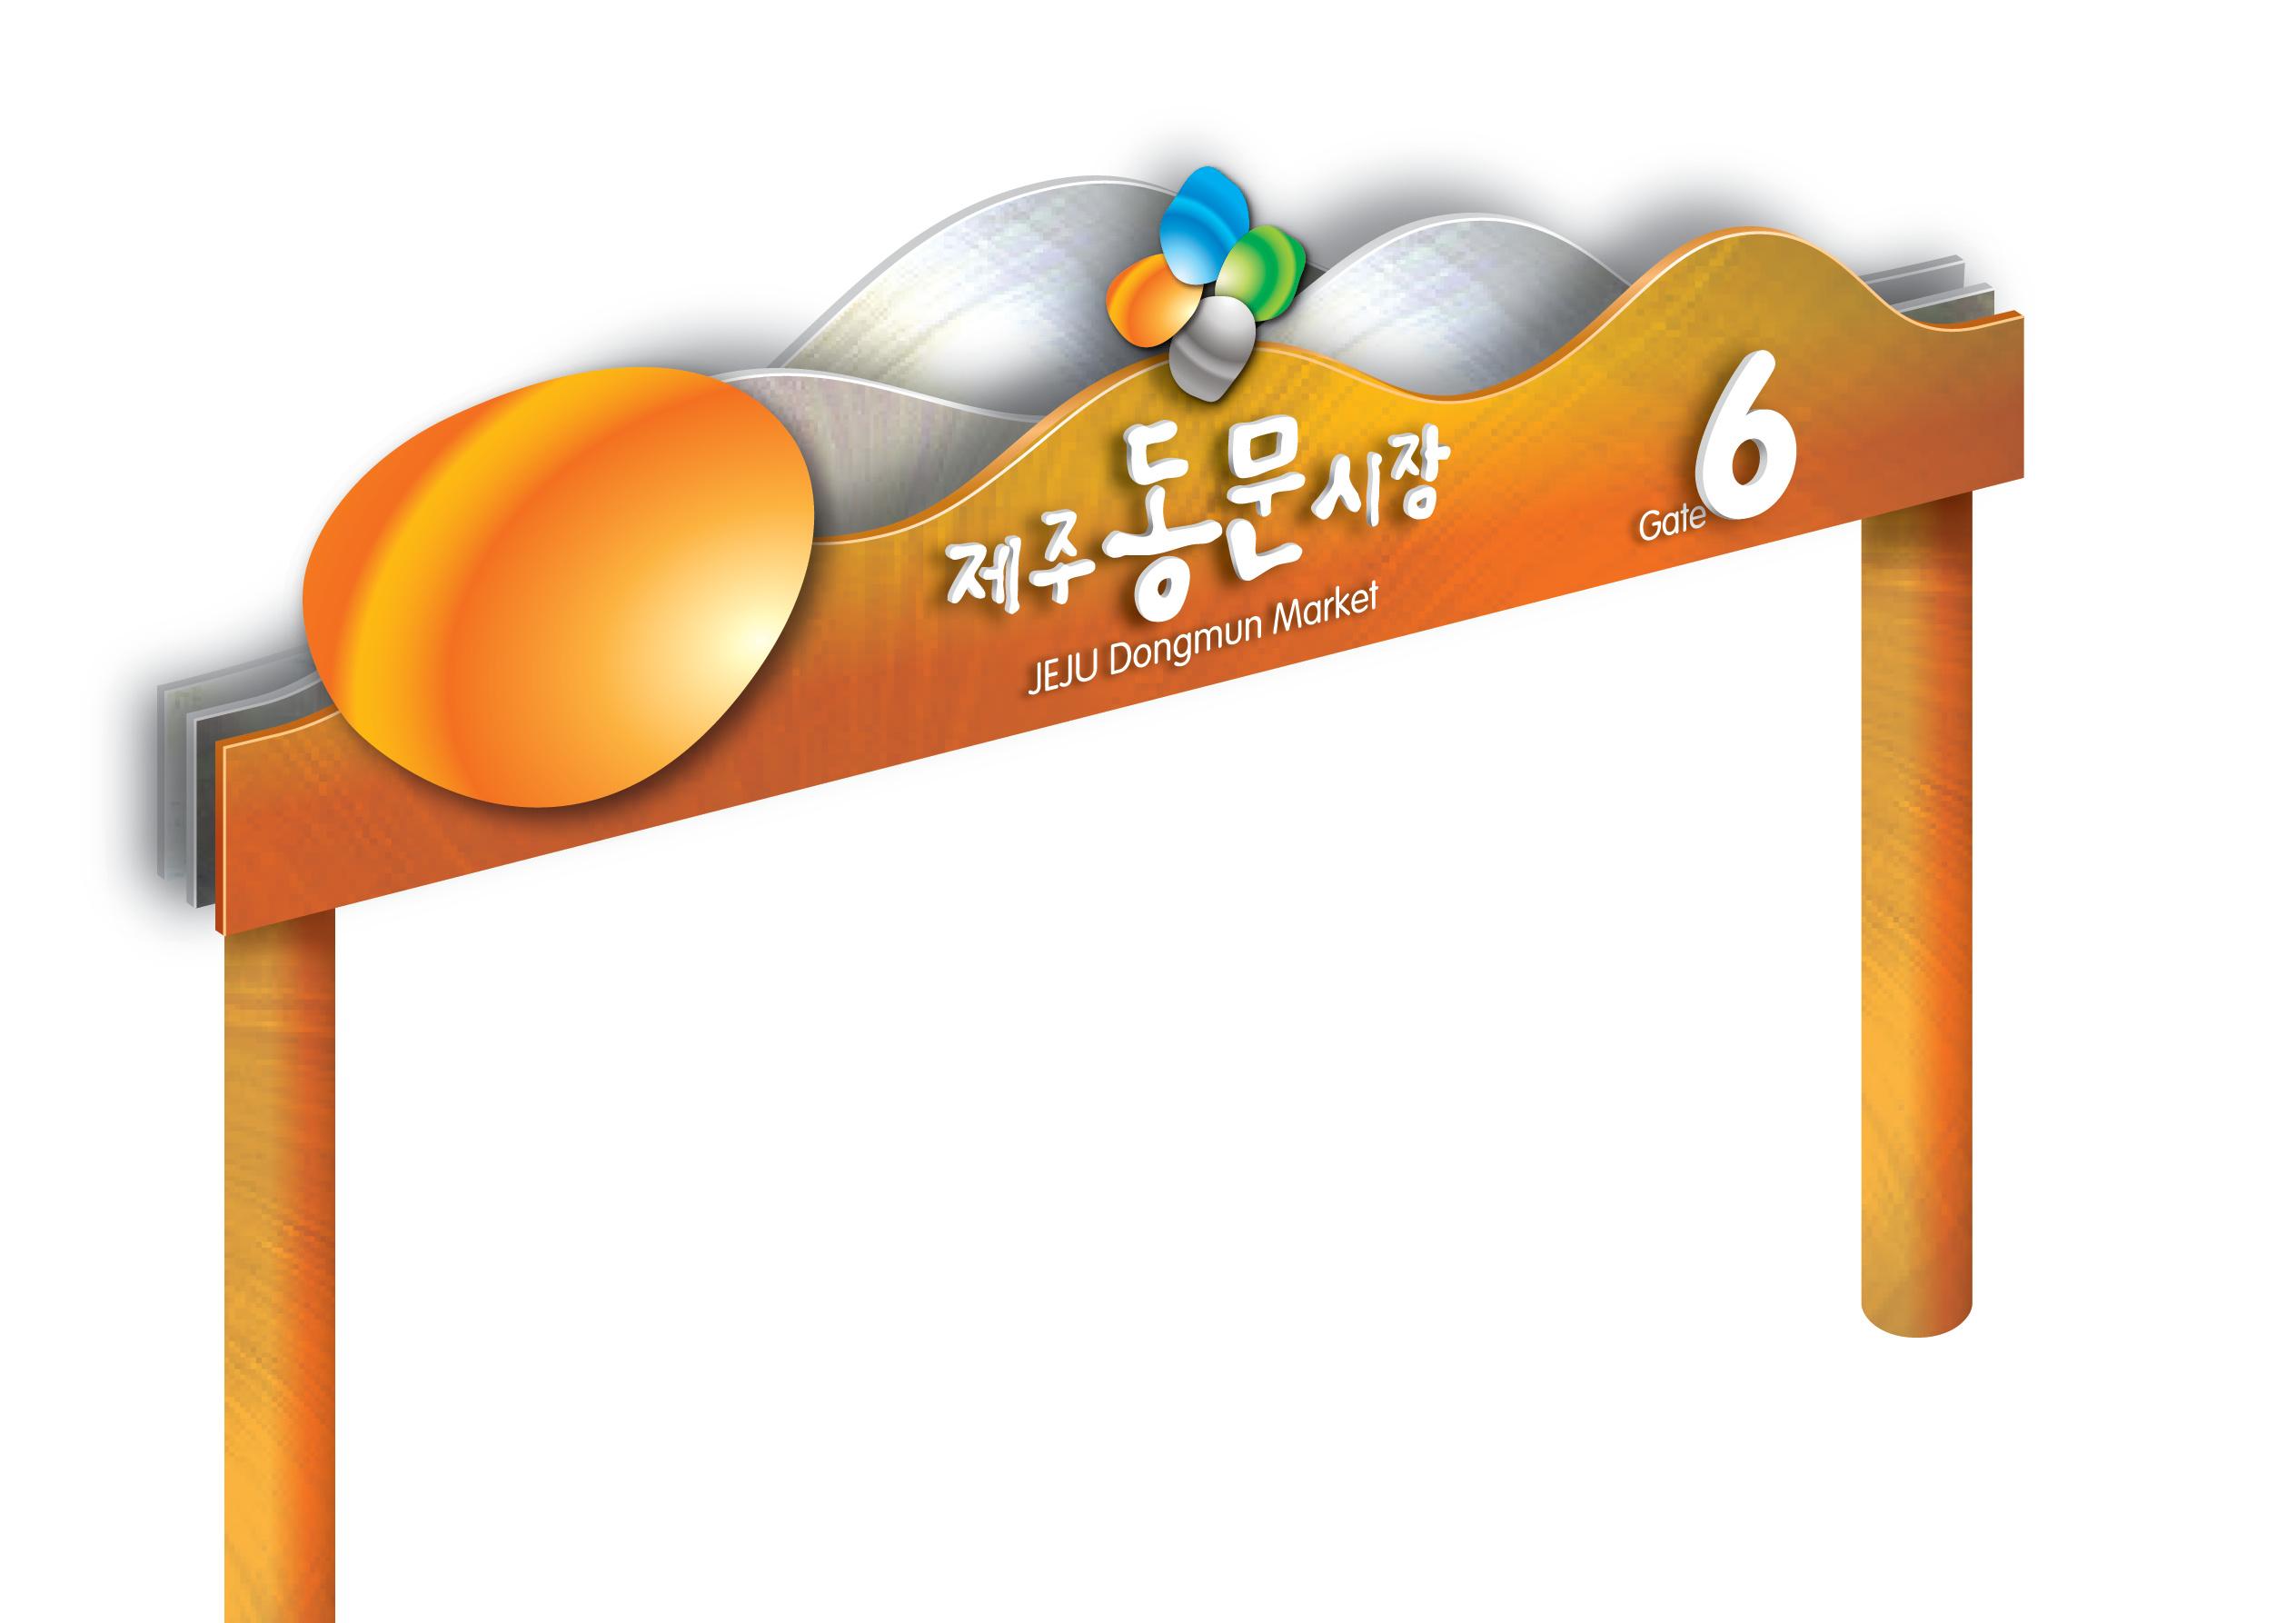 제주동문시장 브랜딩